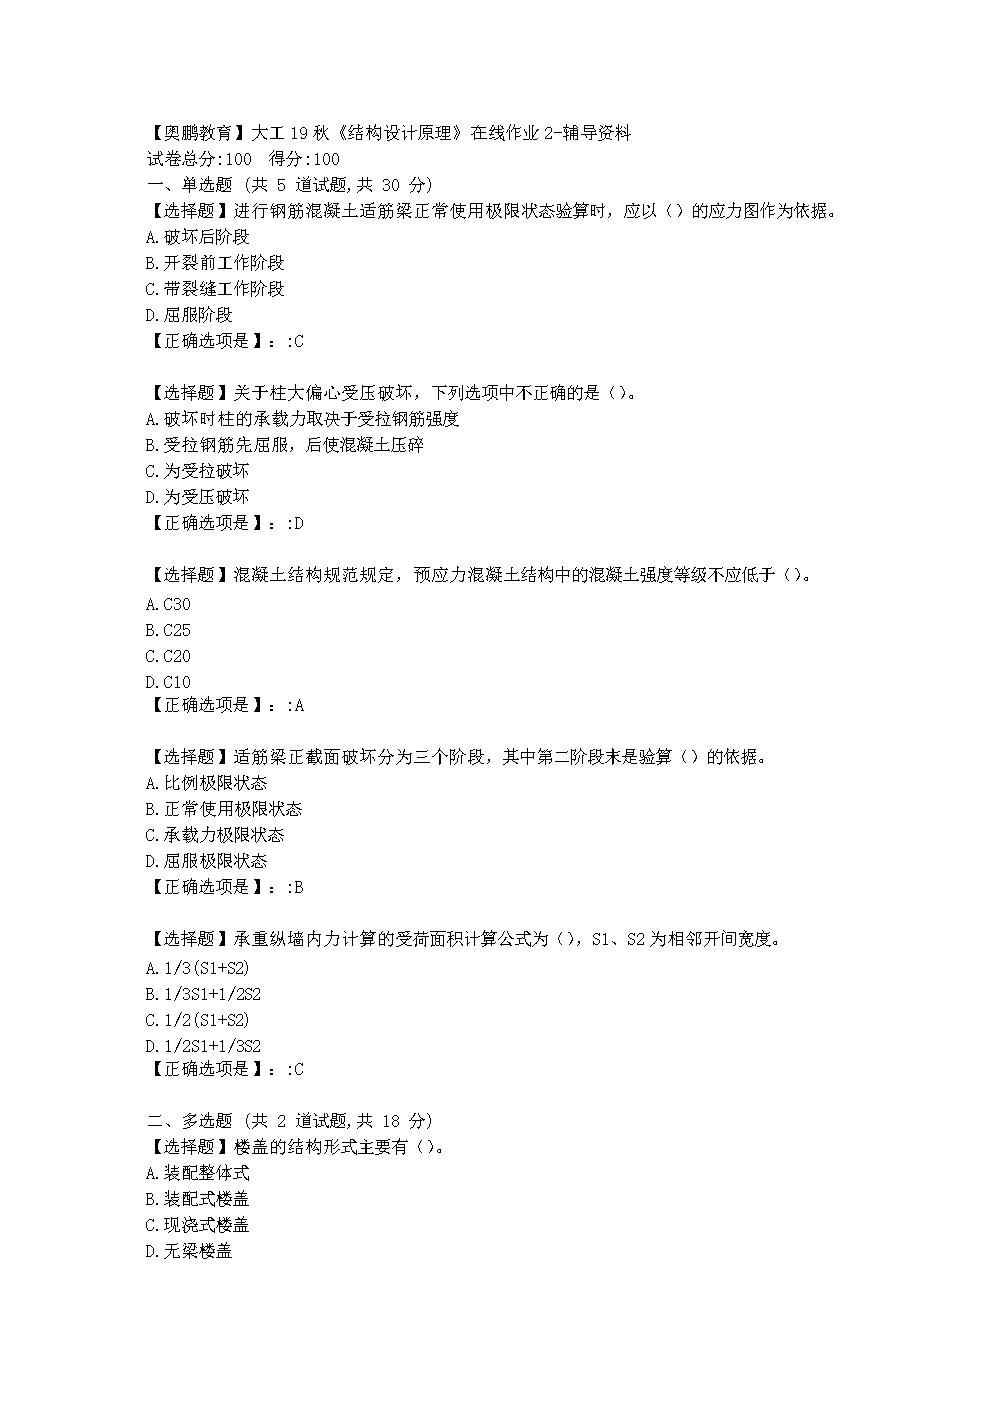 大连理工大学19秋《结构设计原理》在线作业2学习资料.doc